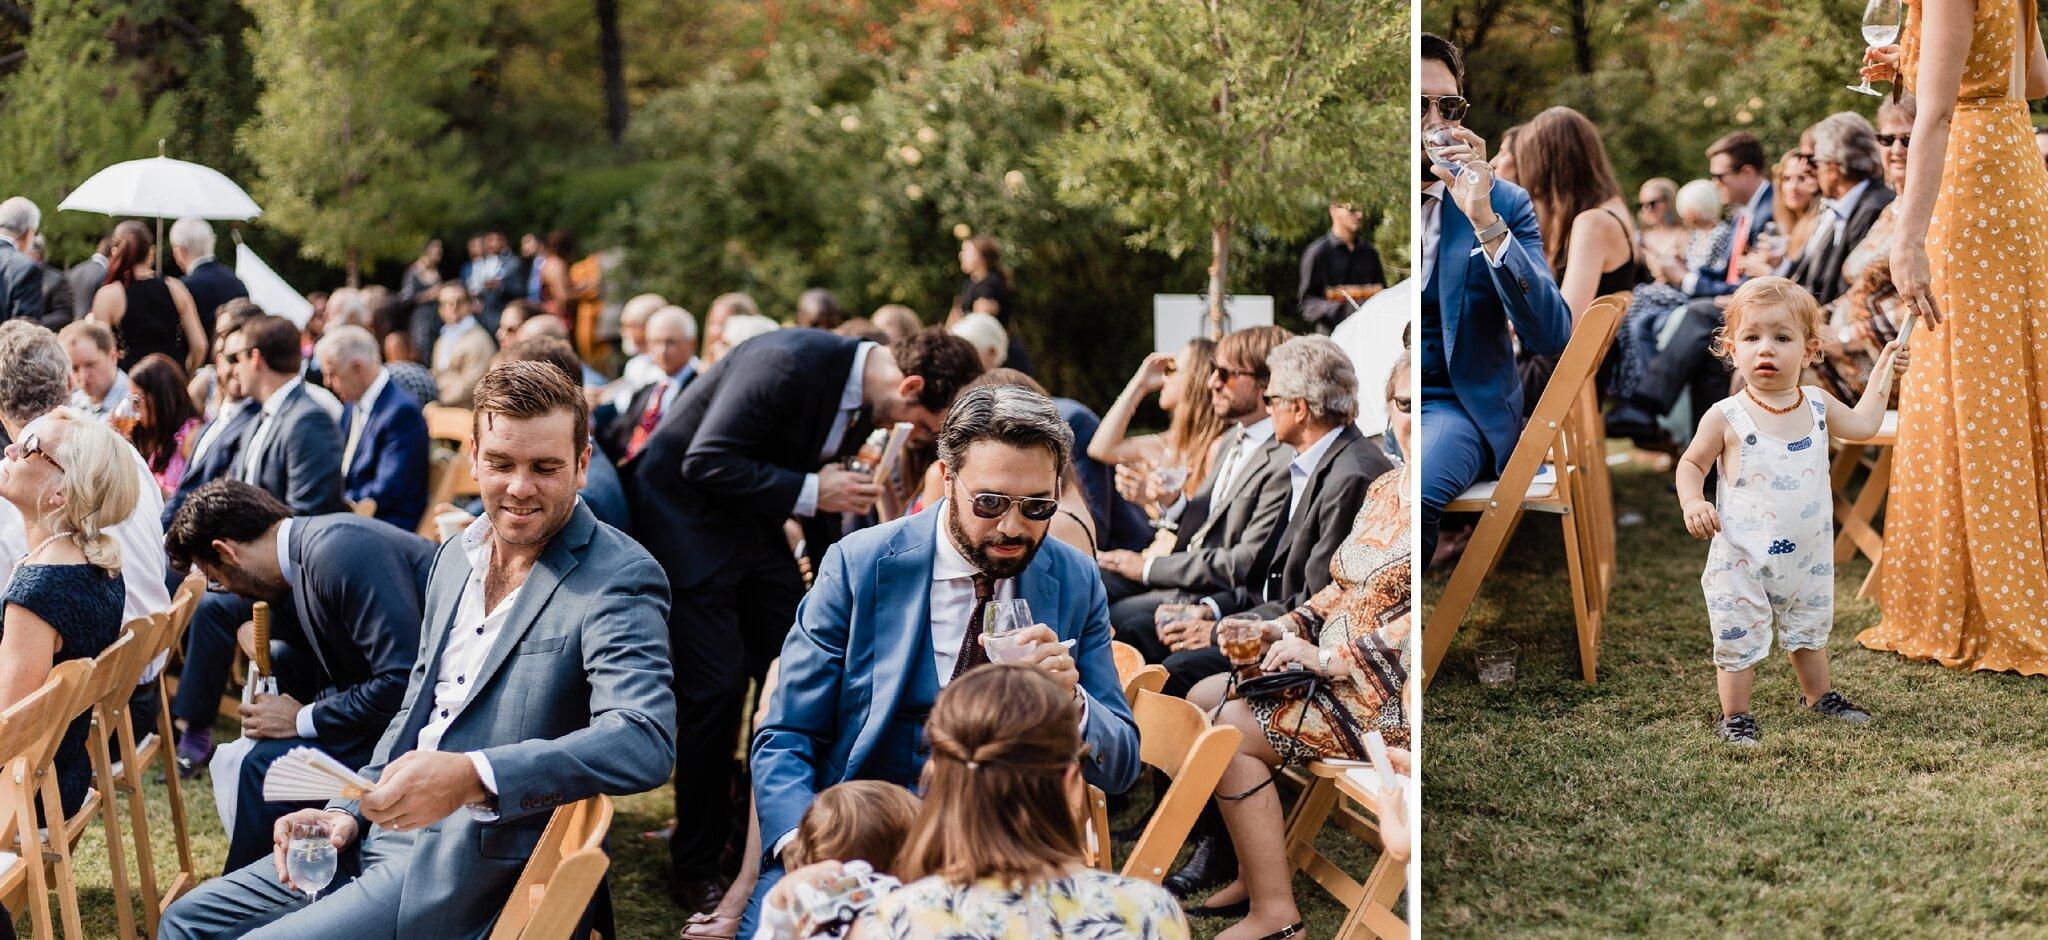 Alicia+lucia+photography+-+albuquerque+wedding+photographer+-+santa+fe+wedding+photography+-+new+mexico+wedding+photographer+-+new+mexico+wedding+-+wedding+-+albuquerque+wedding+-+los+poblanos+-+los+poblanos+wedding+-+fall+wedding_0049.jpg